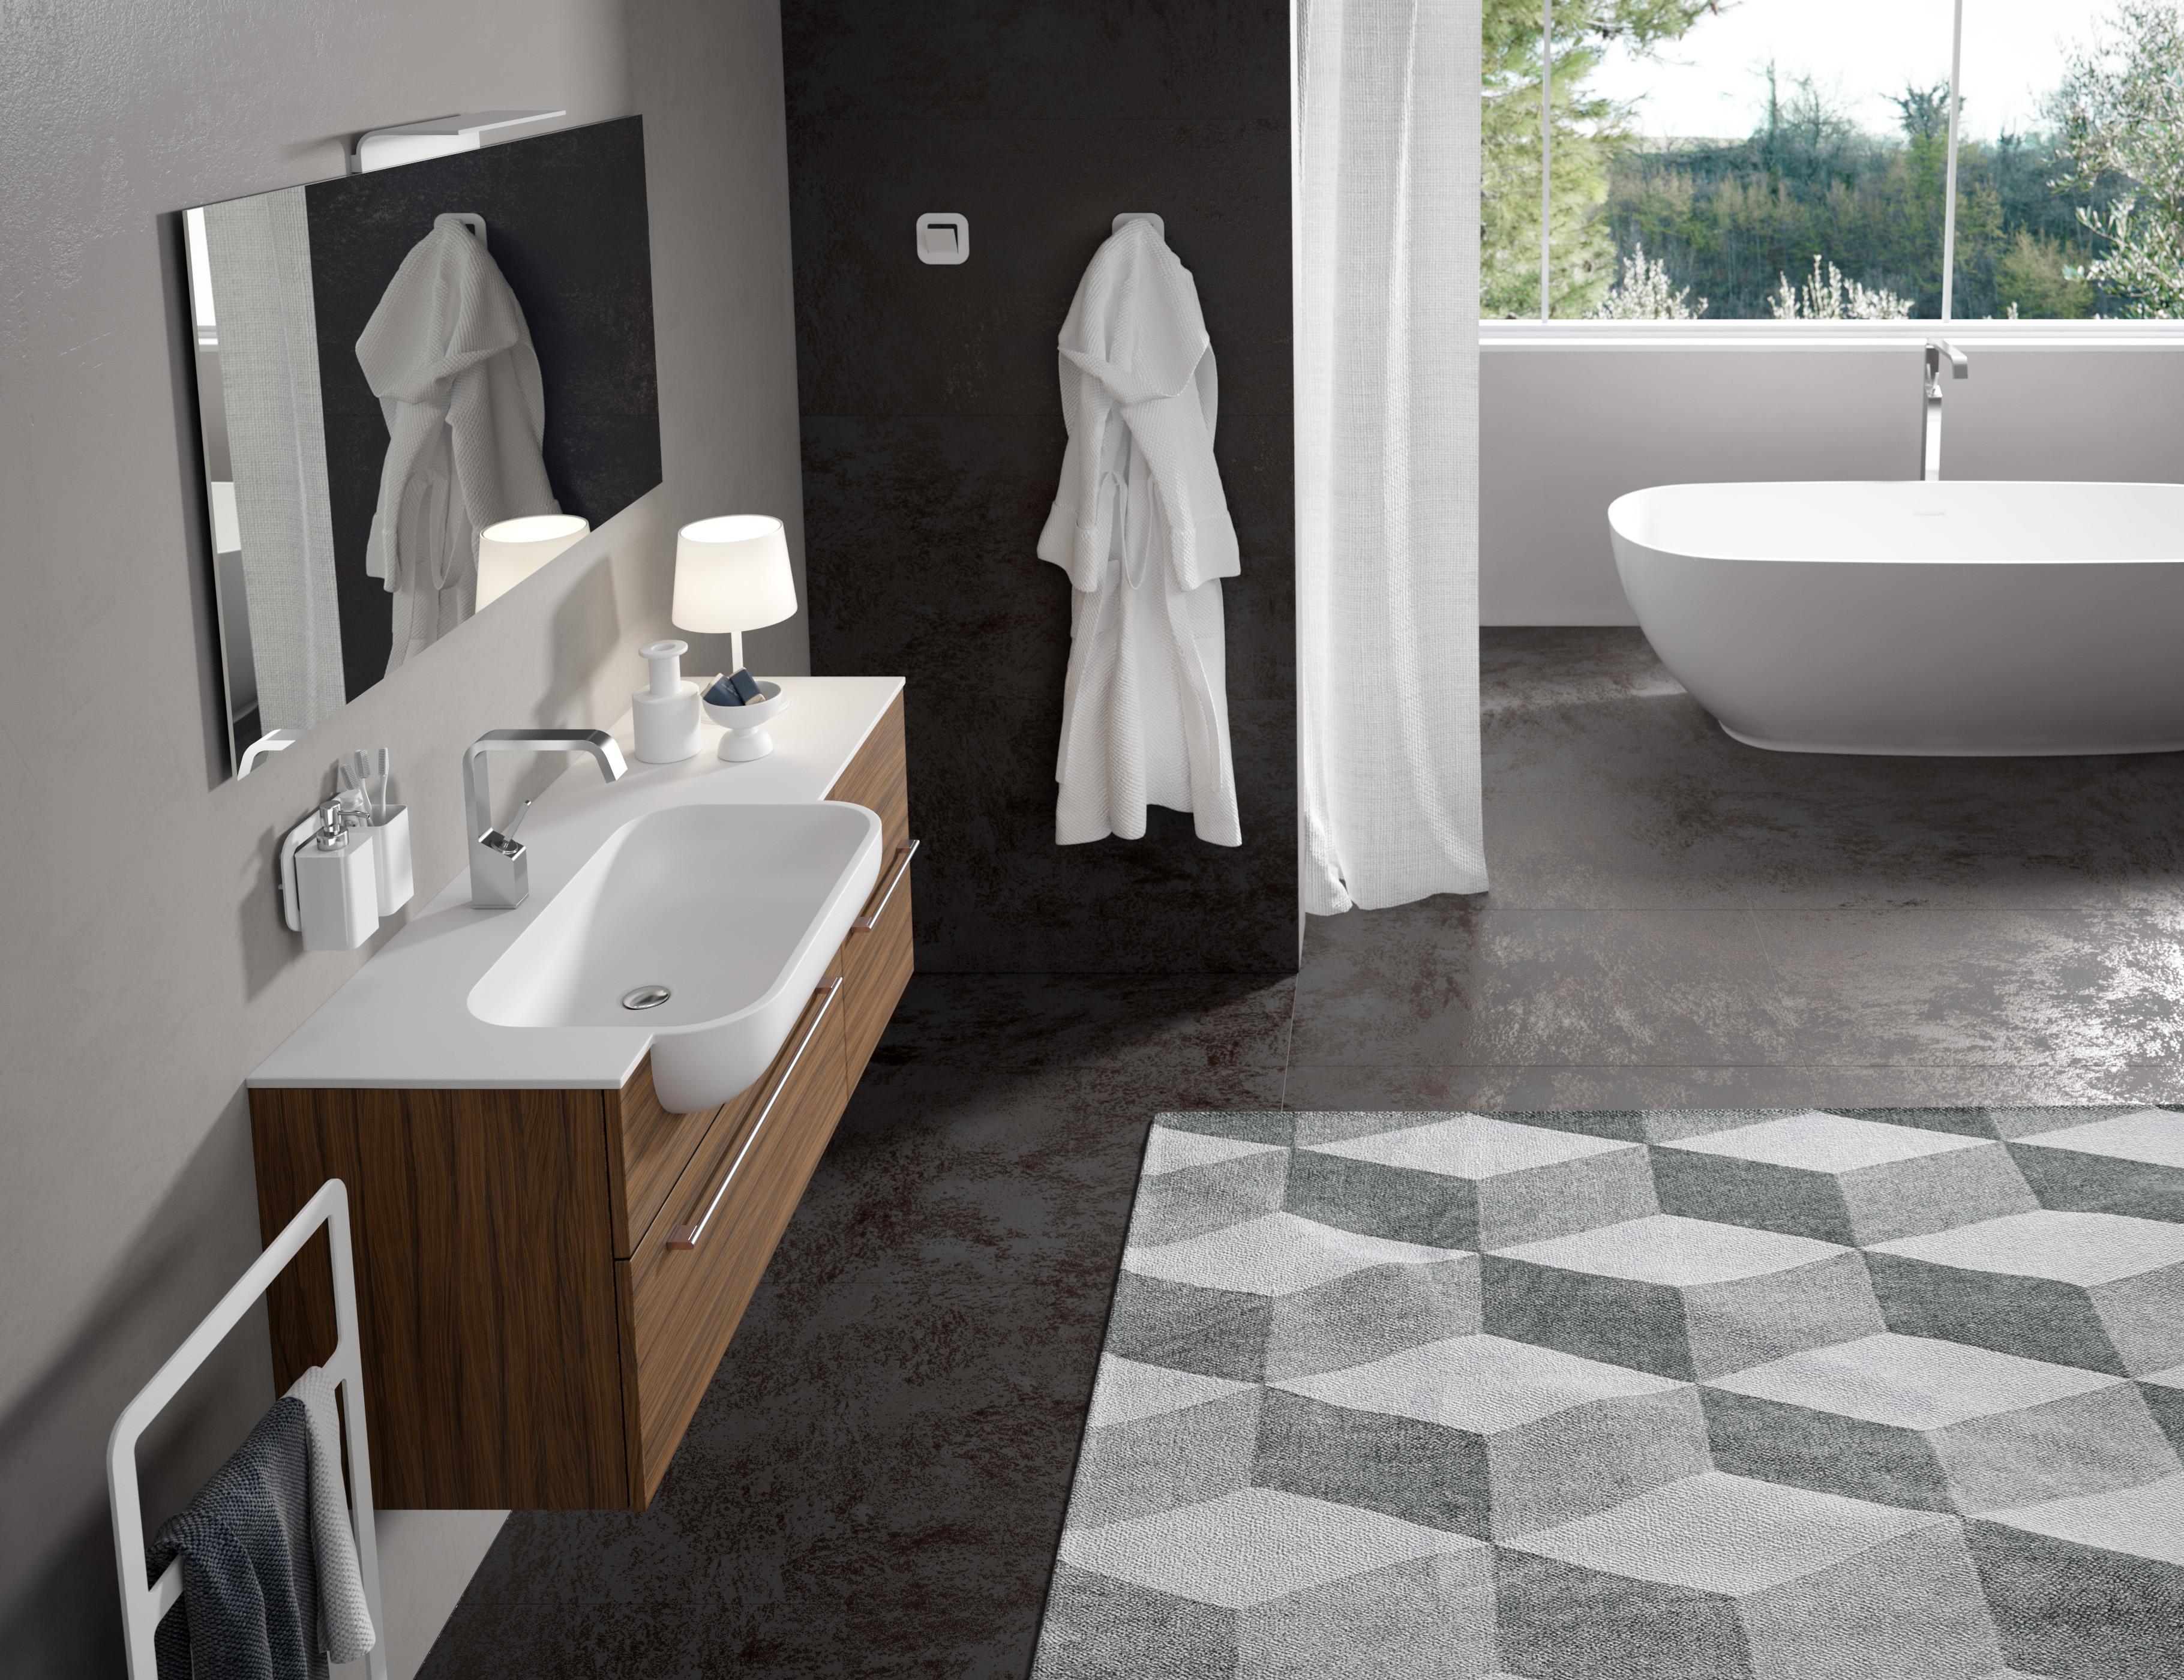 pavimenti in laminato rovere bianco: cucina: la voglio tutta